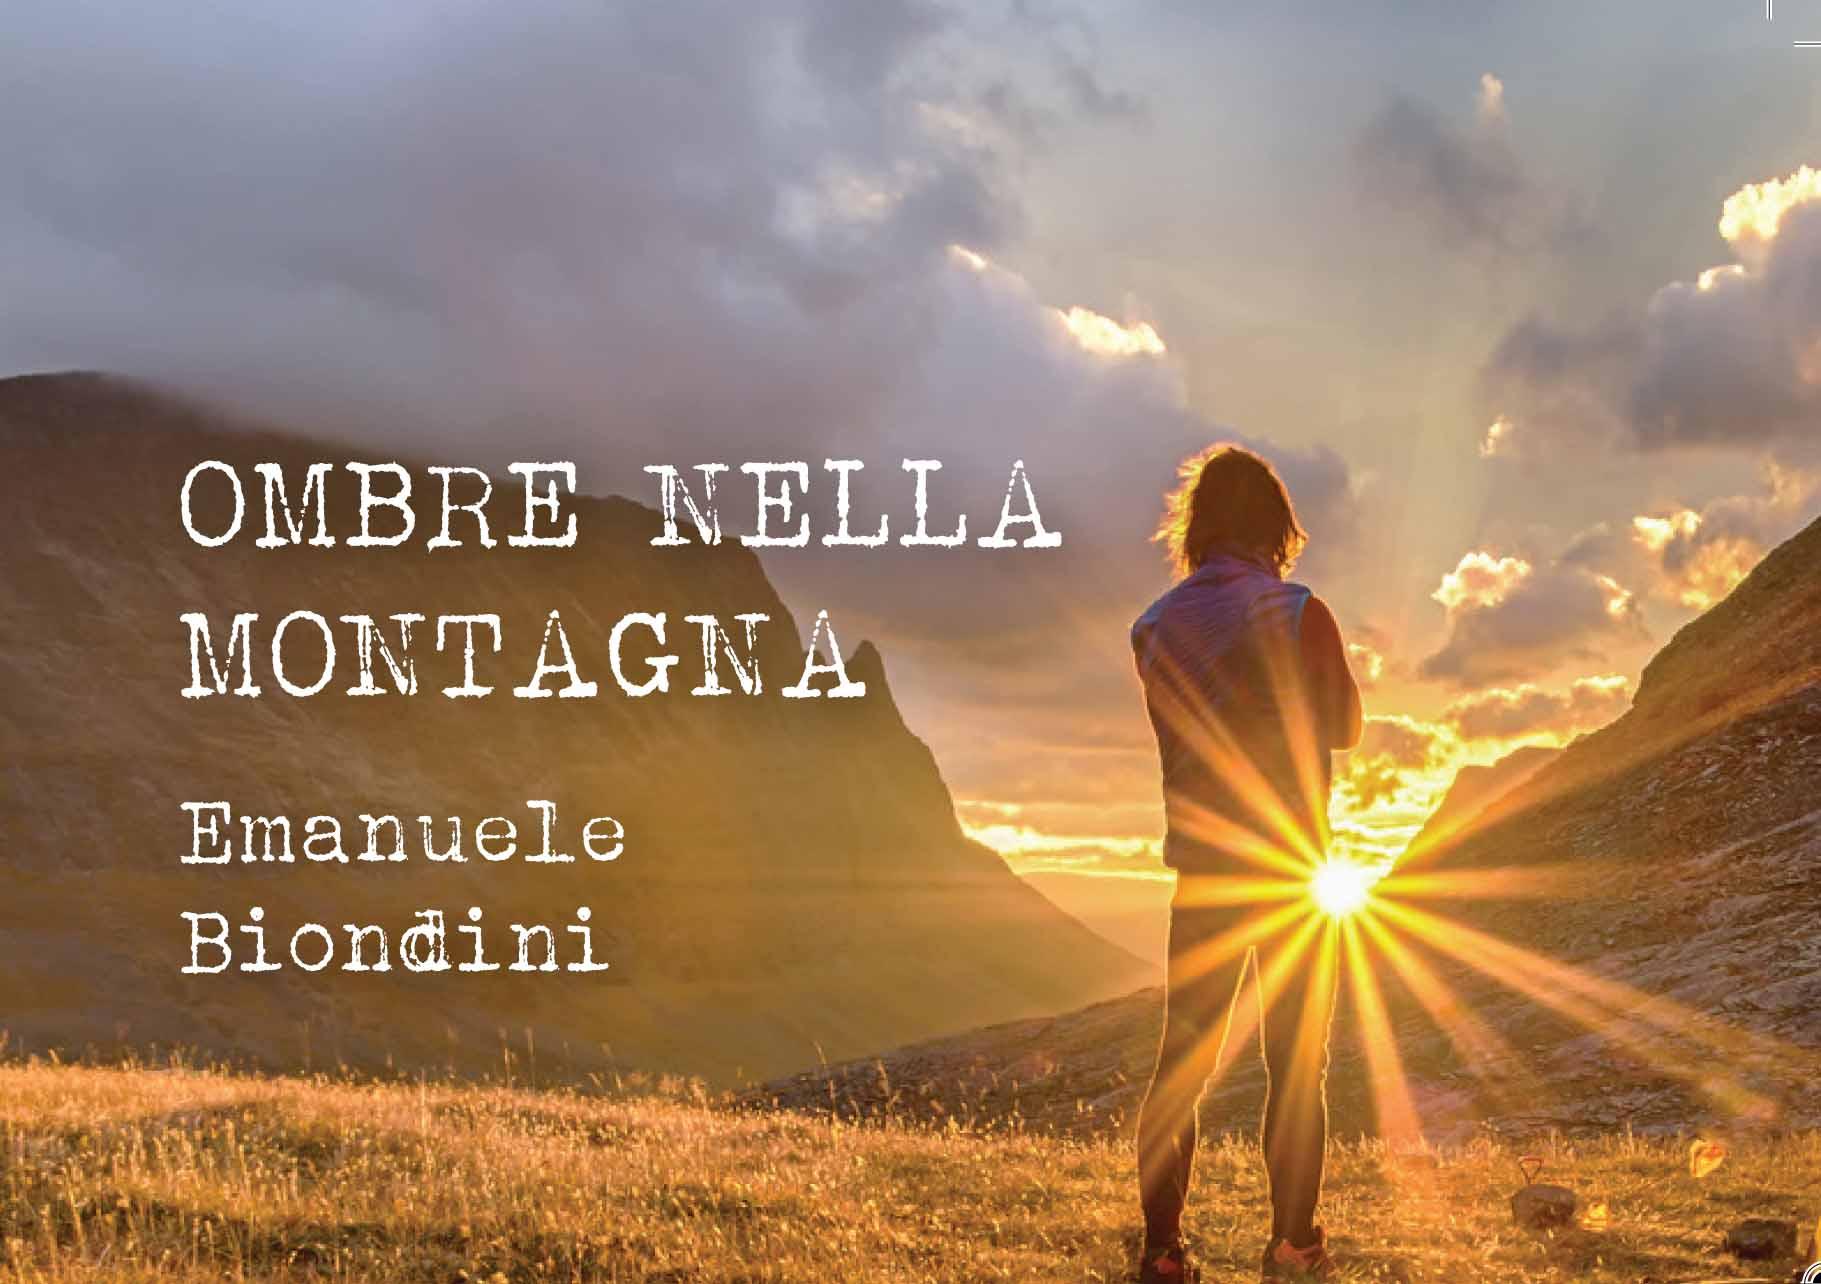 Fonte: www.sito.libero.it